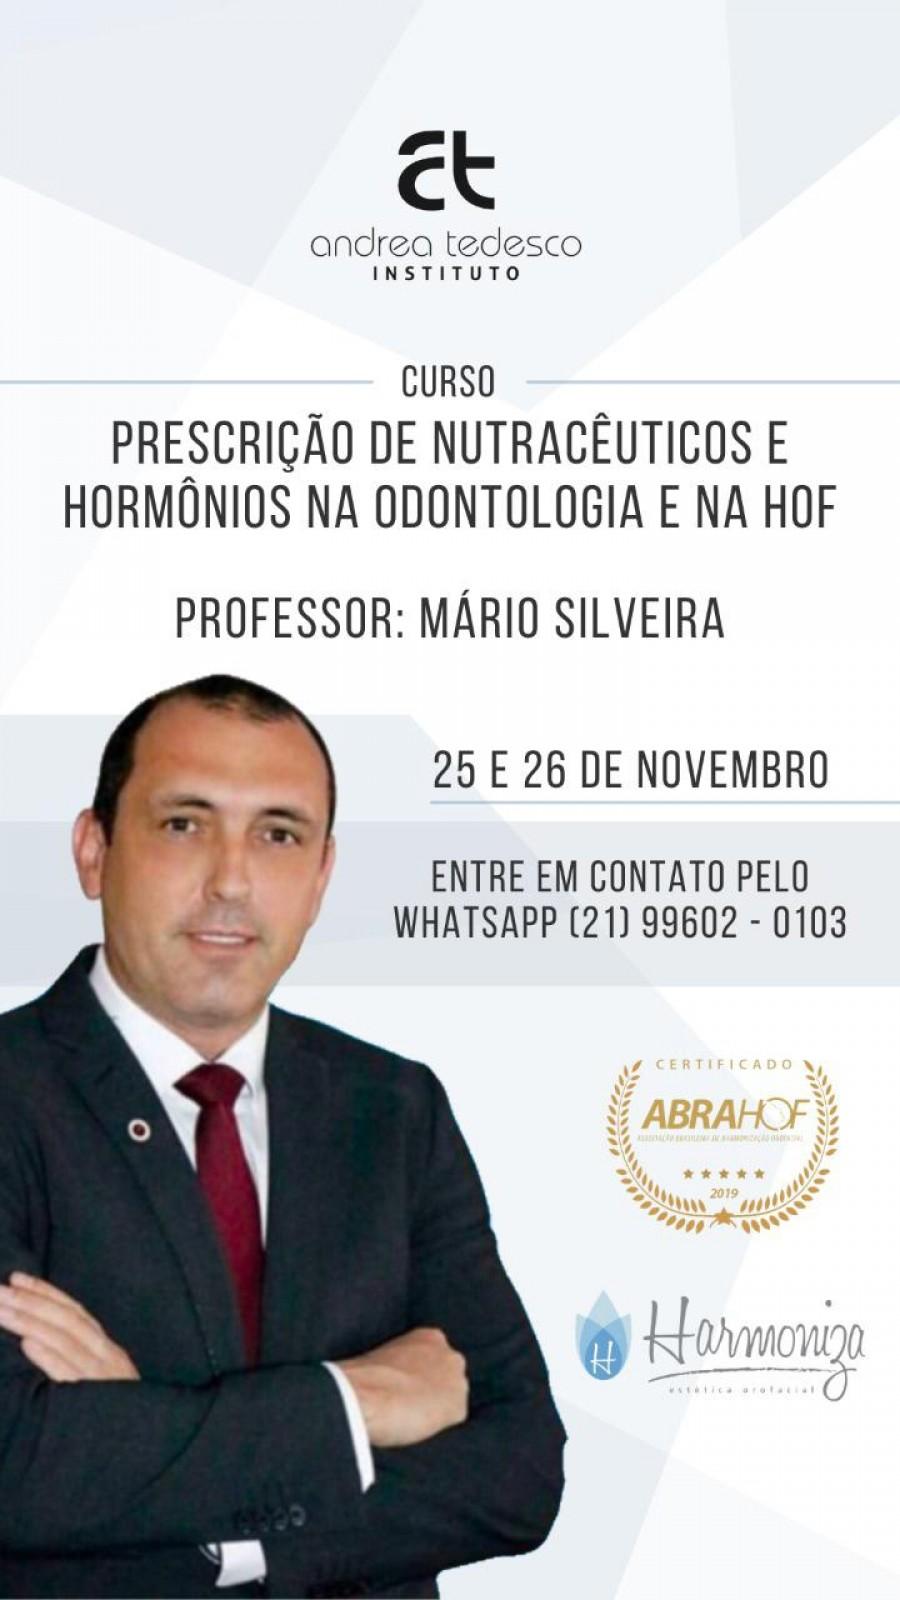 Prescrição de Nutracêuticos e Hormônios Aplicados na Odontologia e na HOF